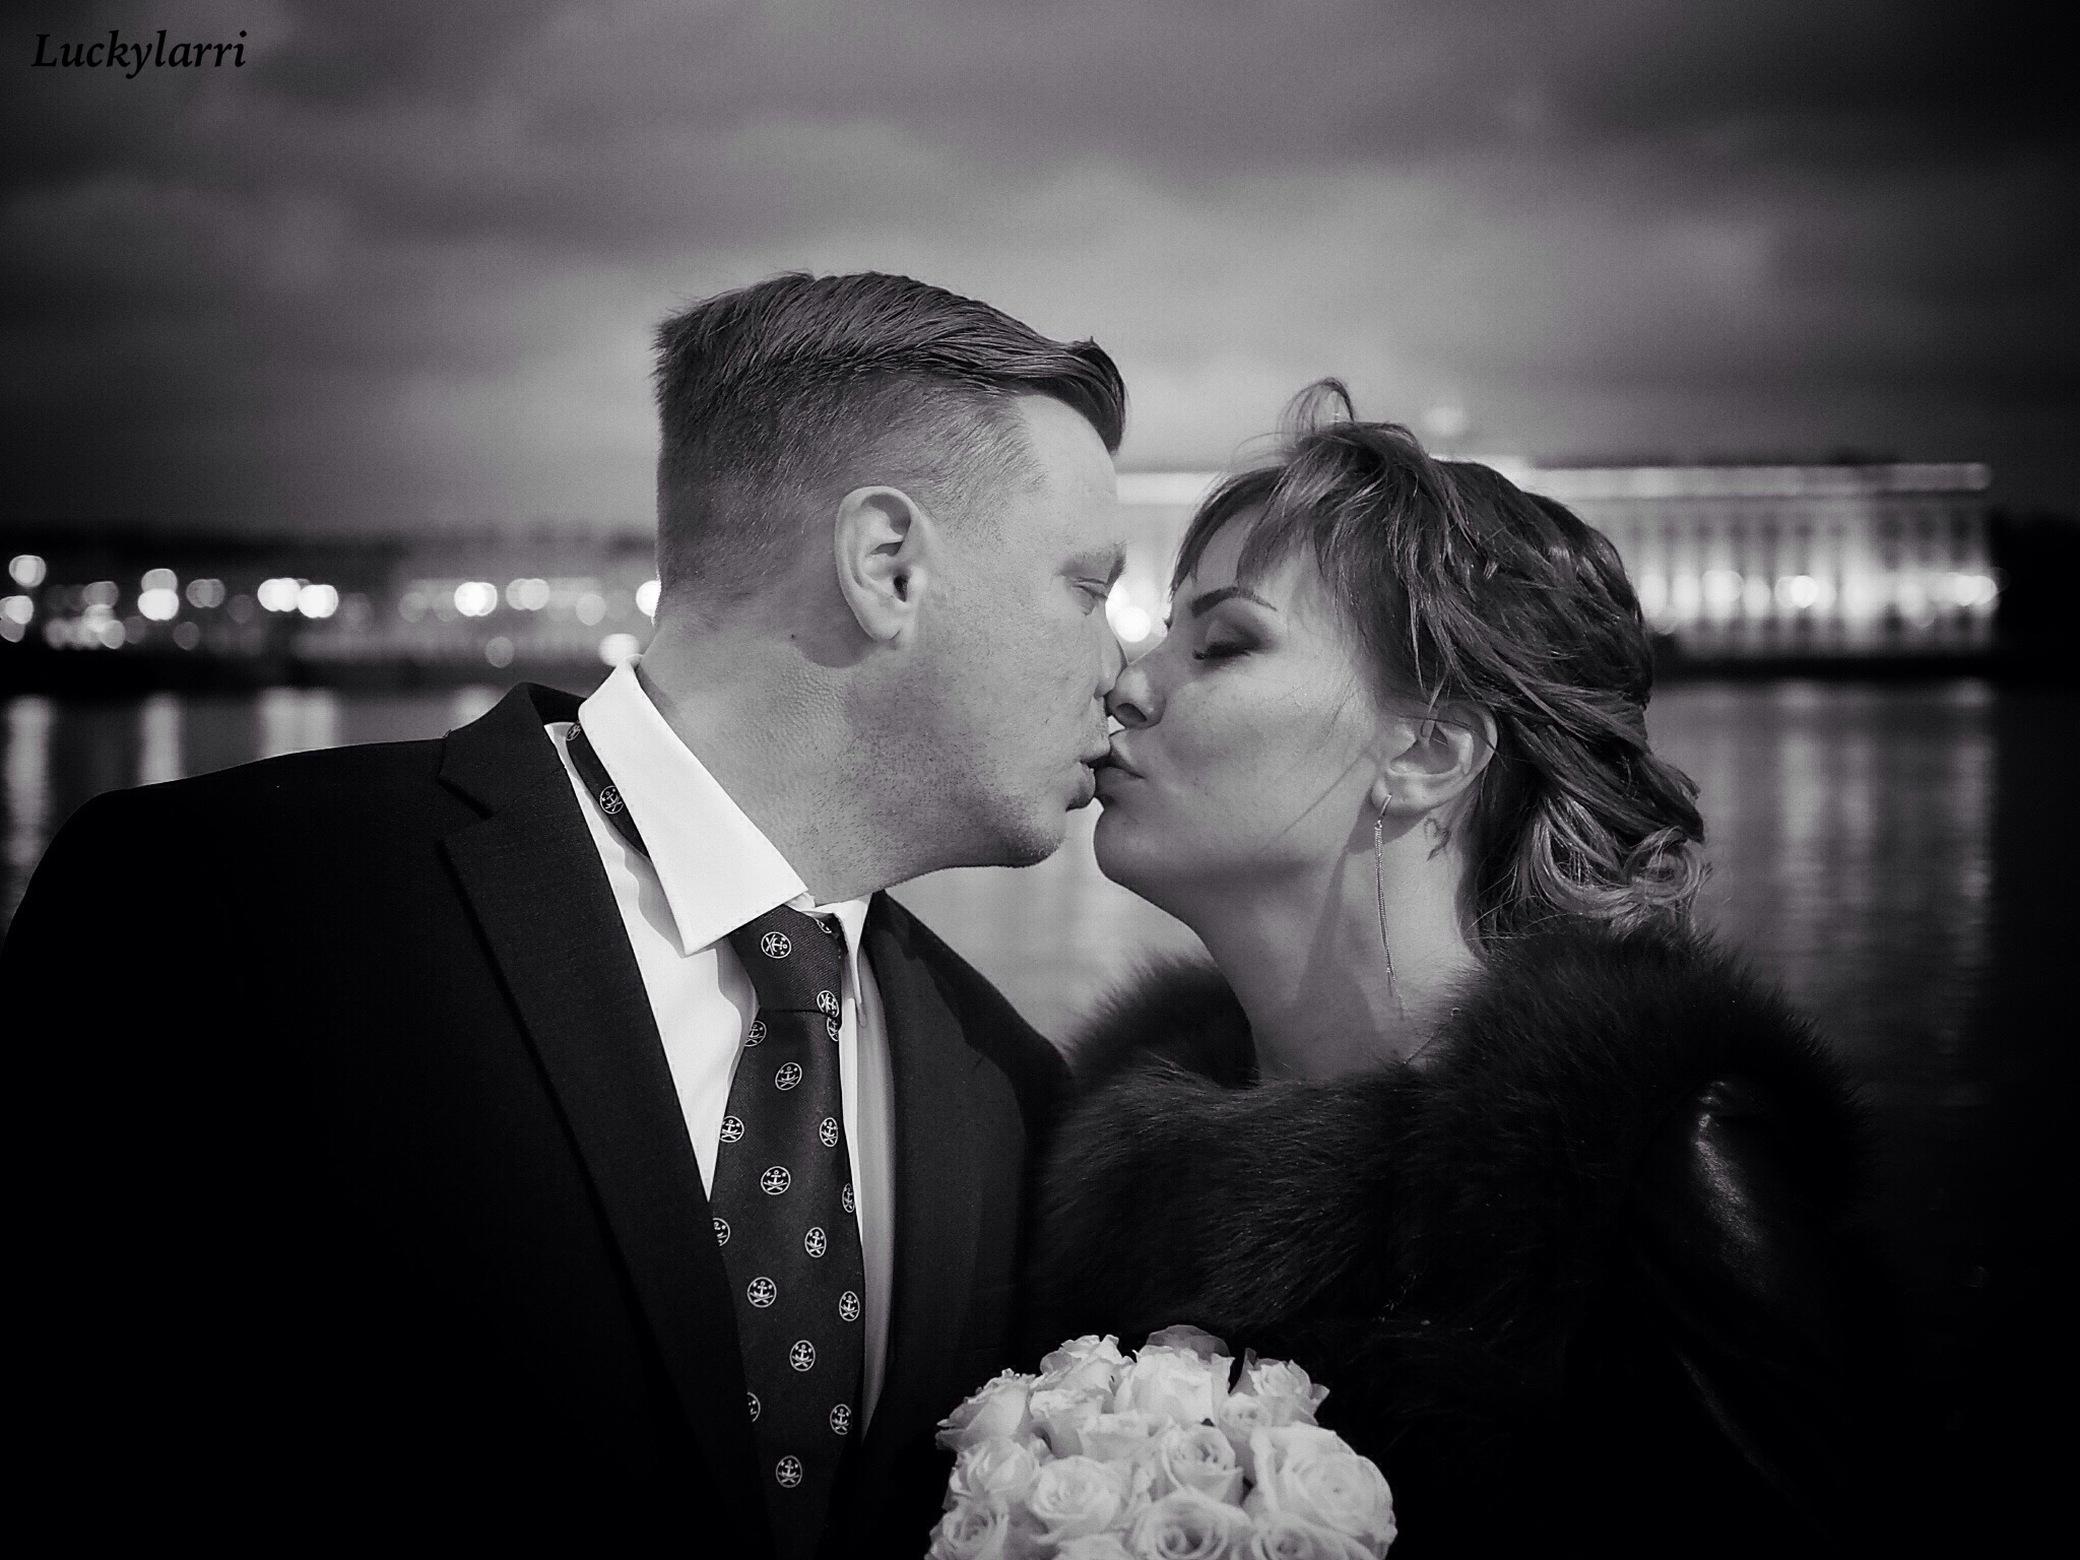 борды основном фотосъемка моей первой свадьбы прихожей декоративным